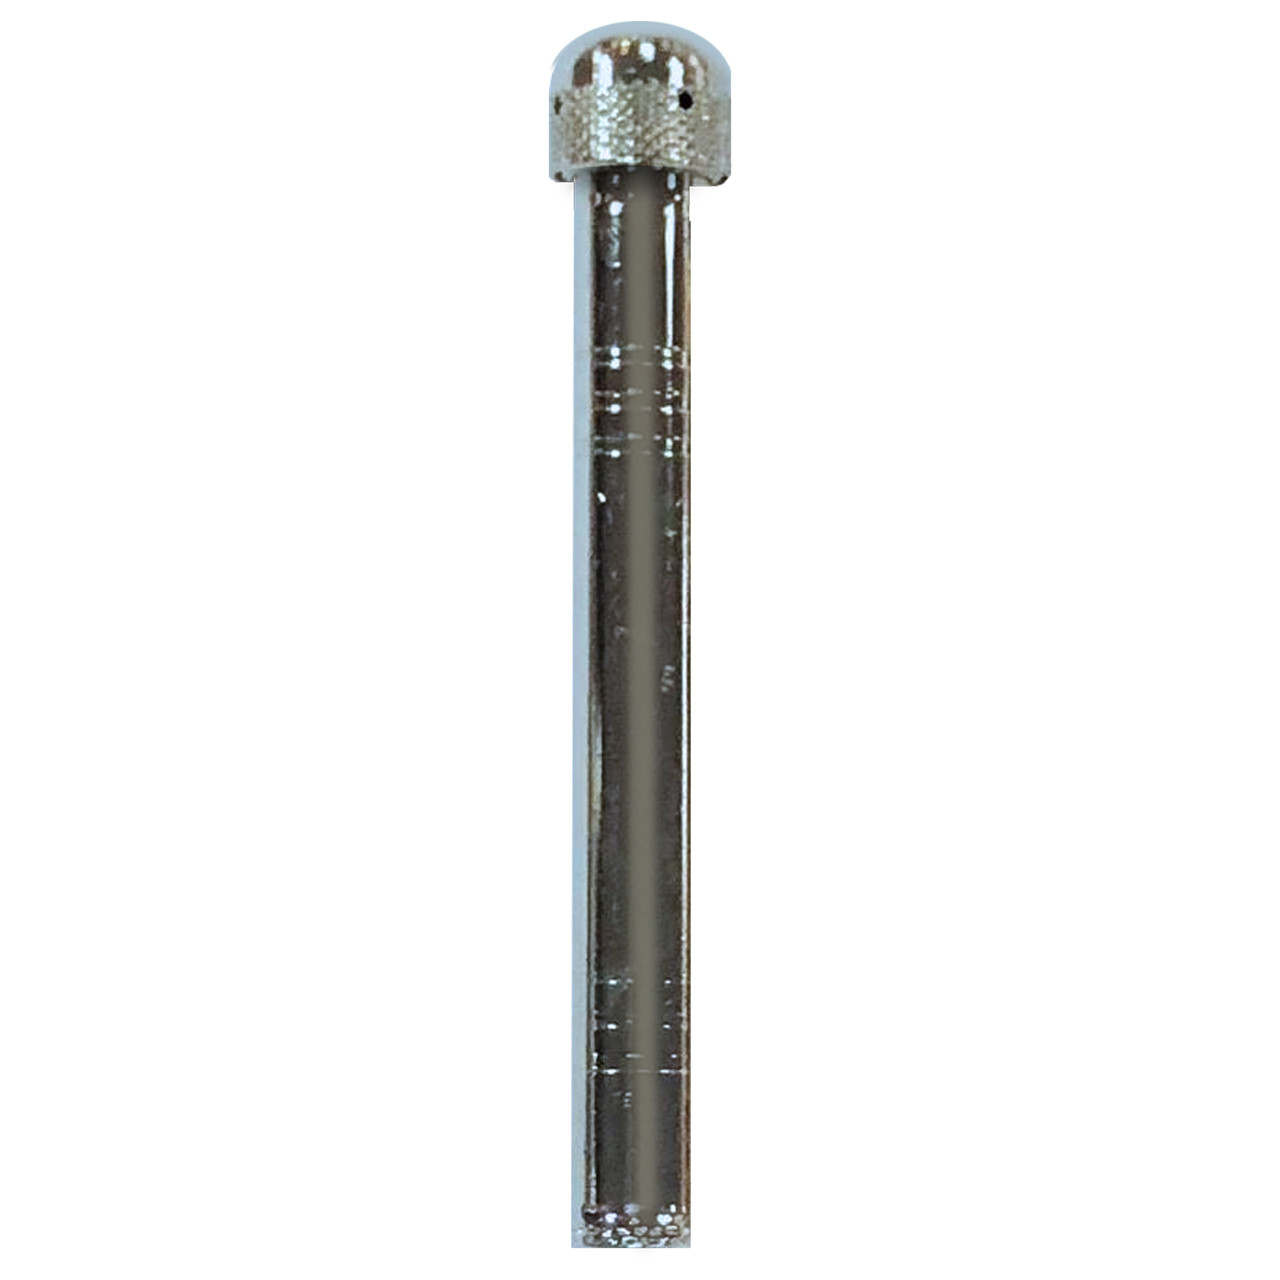 561 Silver Pocket Sprinkler